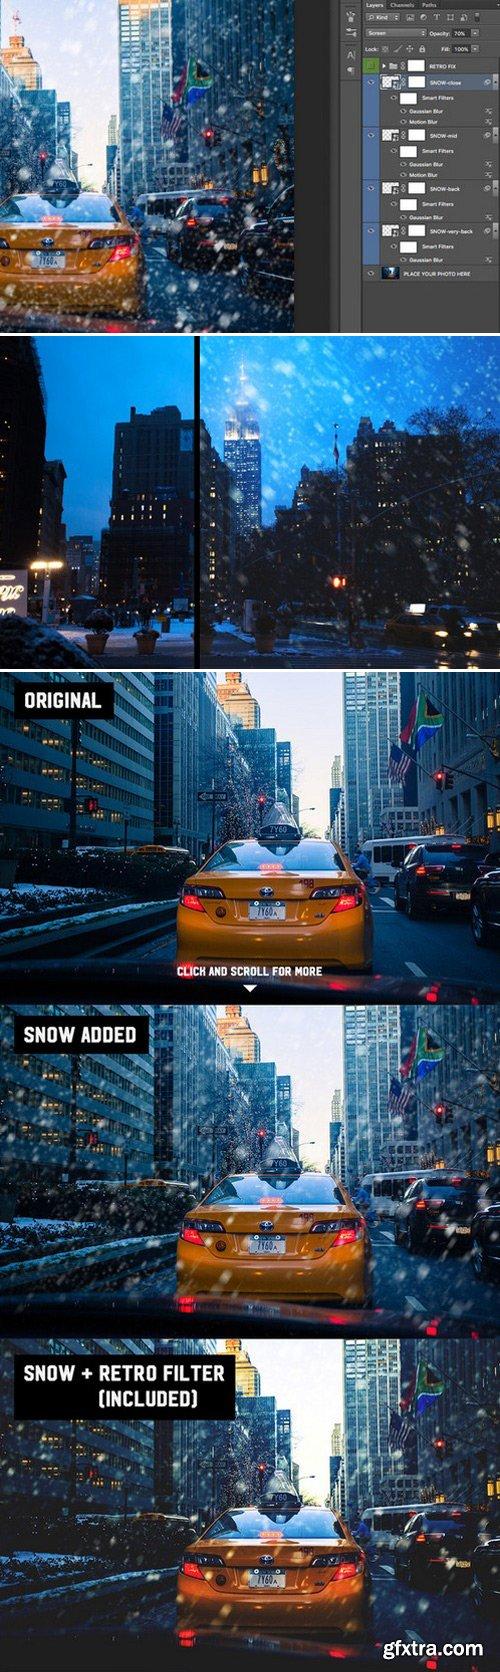 CM - Snowfall photo overlay 443238